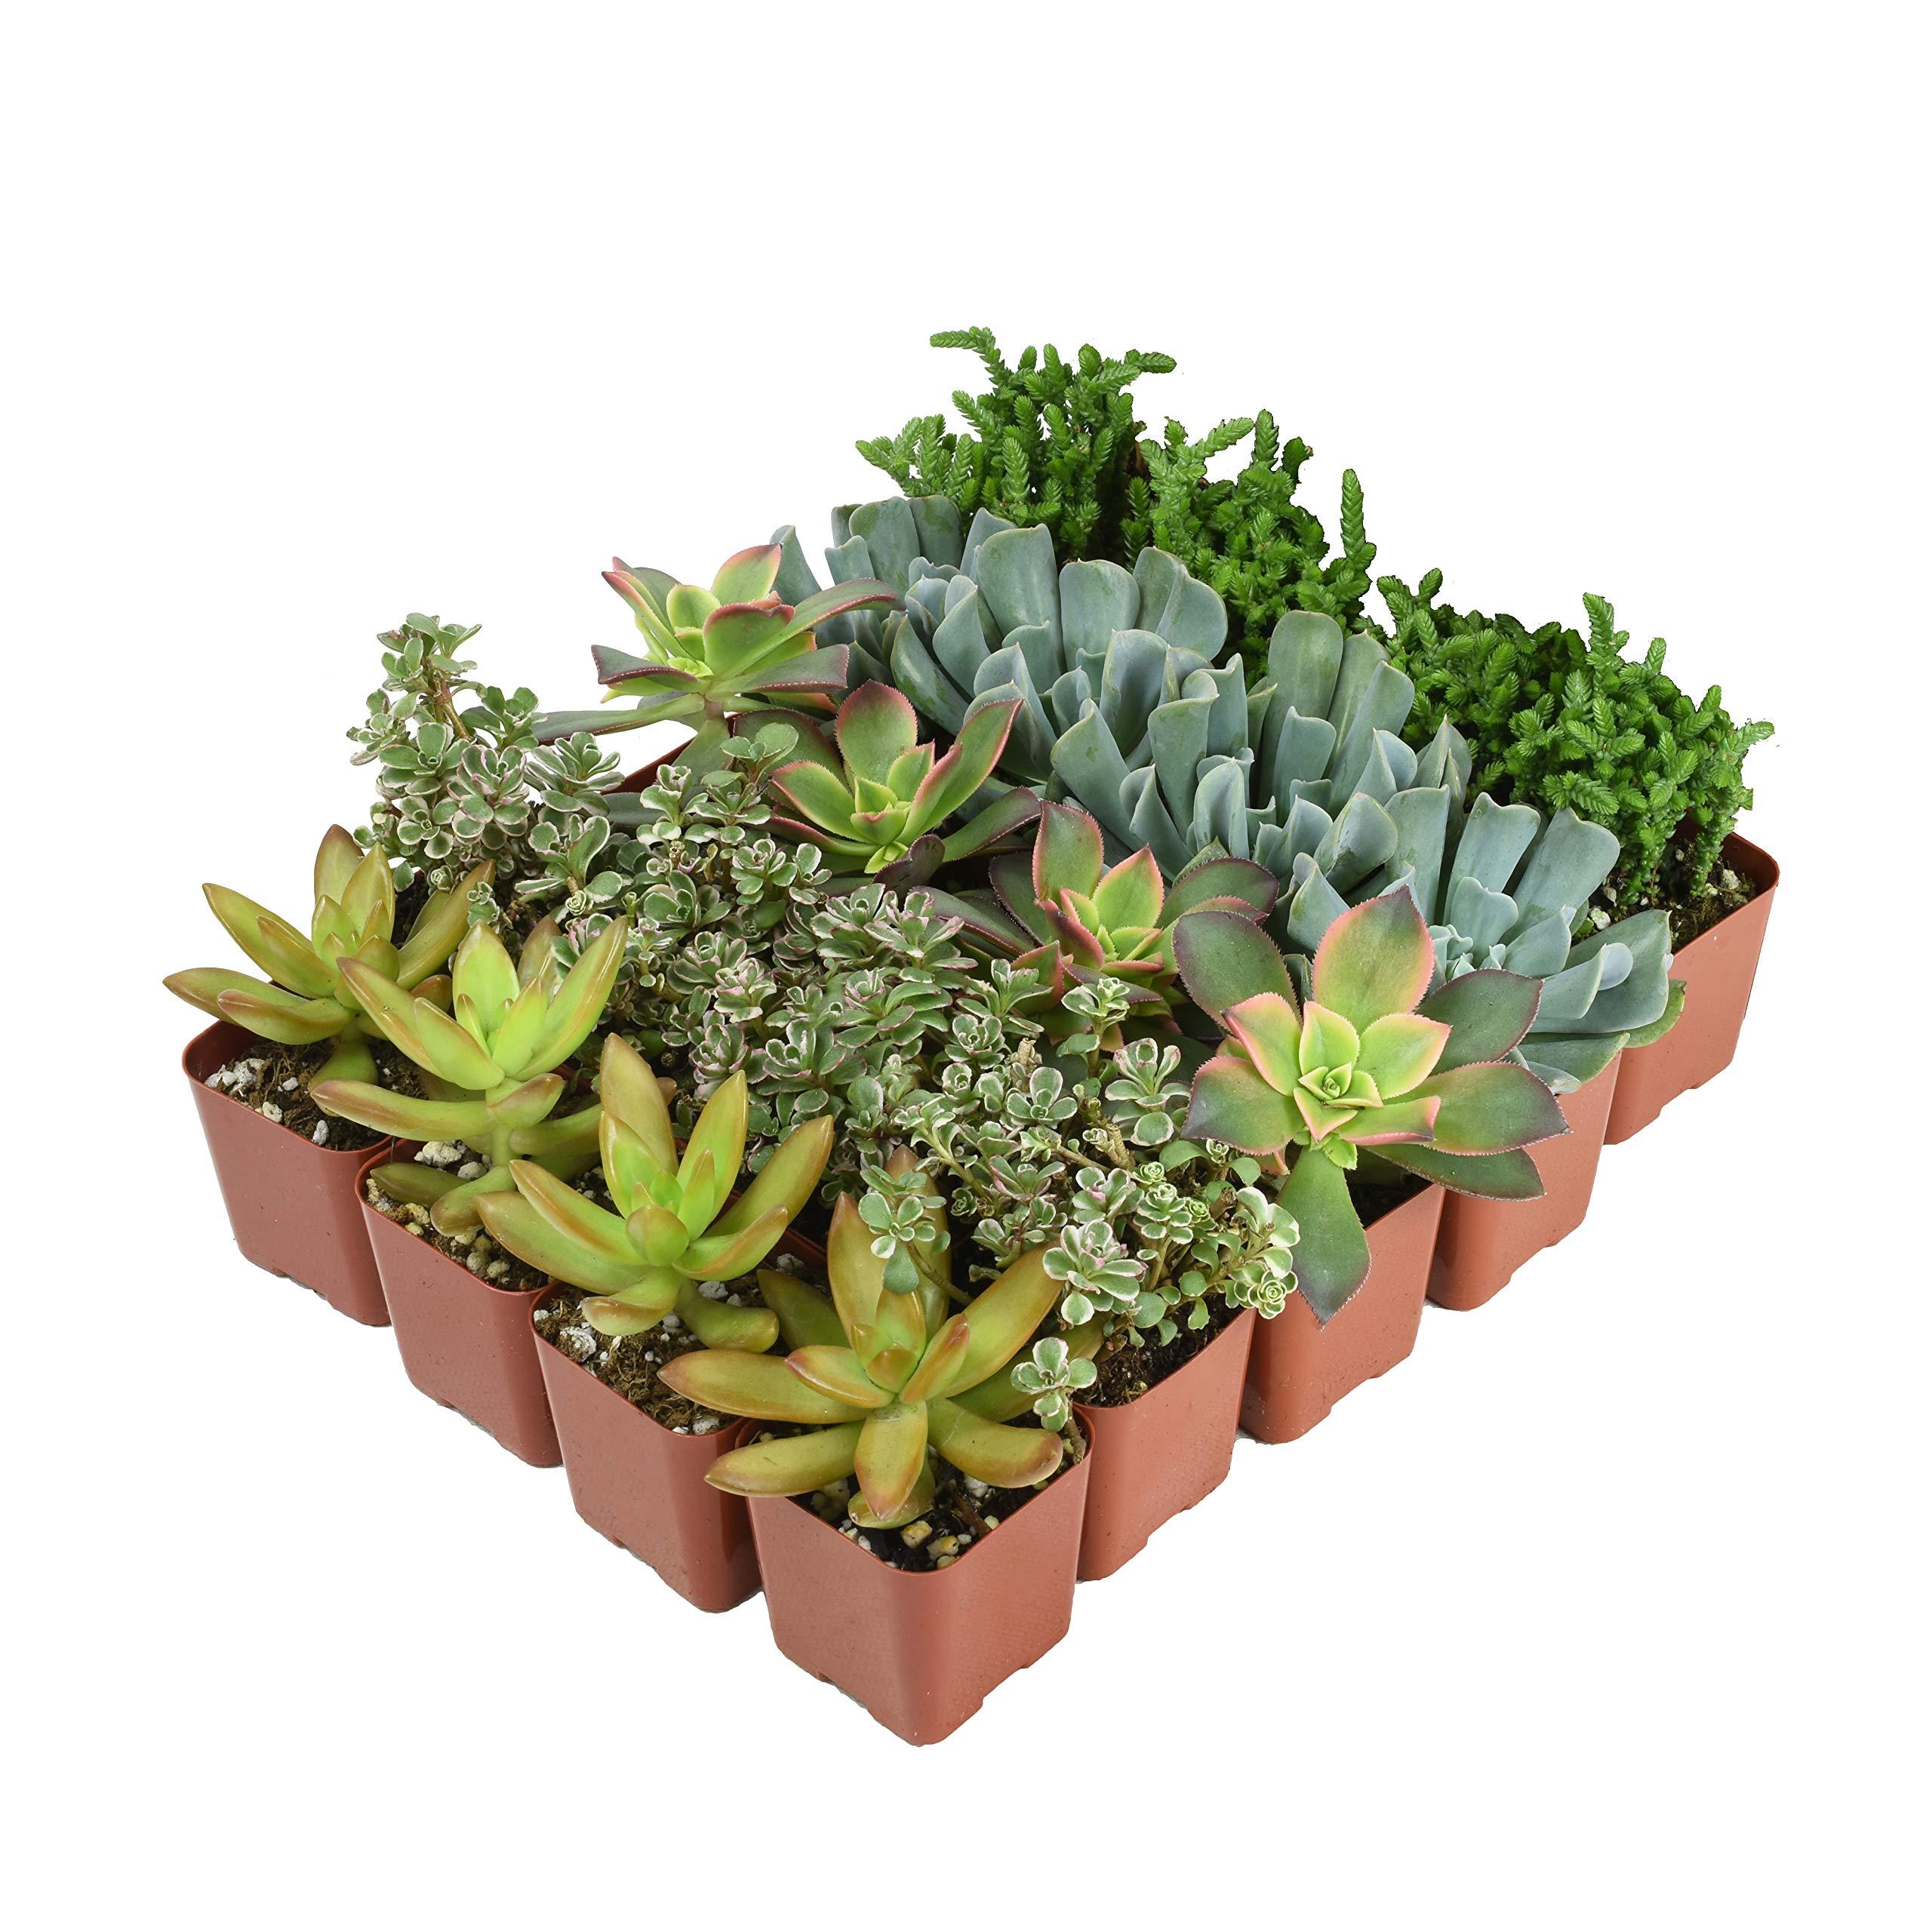 Altman Plants Mini Live Assorted Succulents Weddings, Party favors, DIY terrariums, Gifts 2'' 20 Pack by Altman Plants (Image #3)